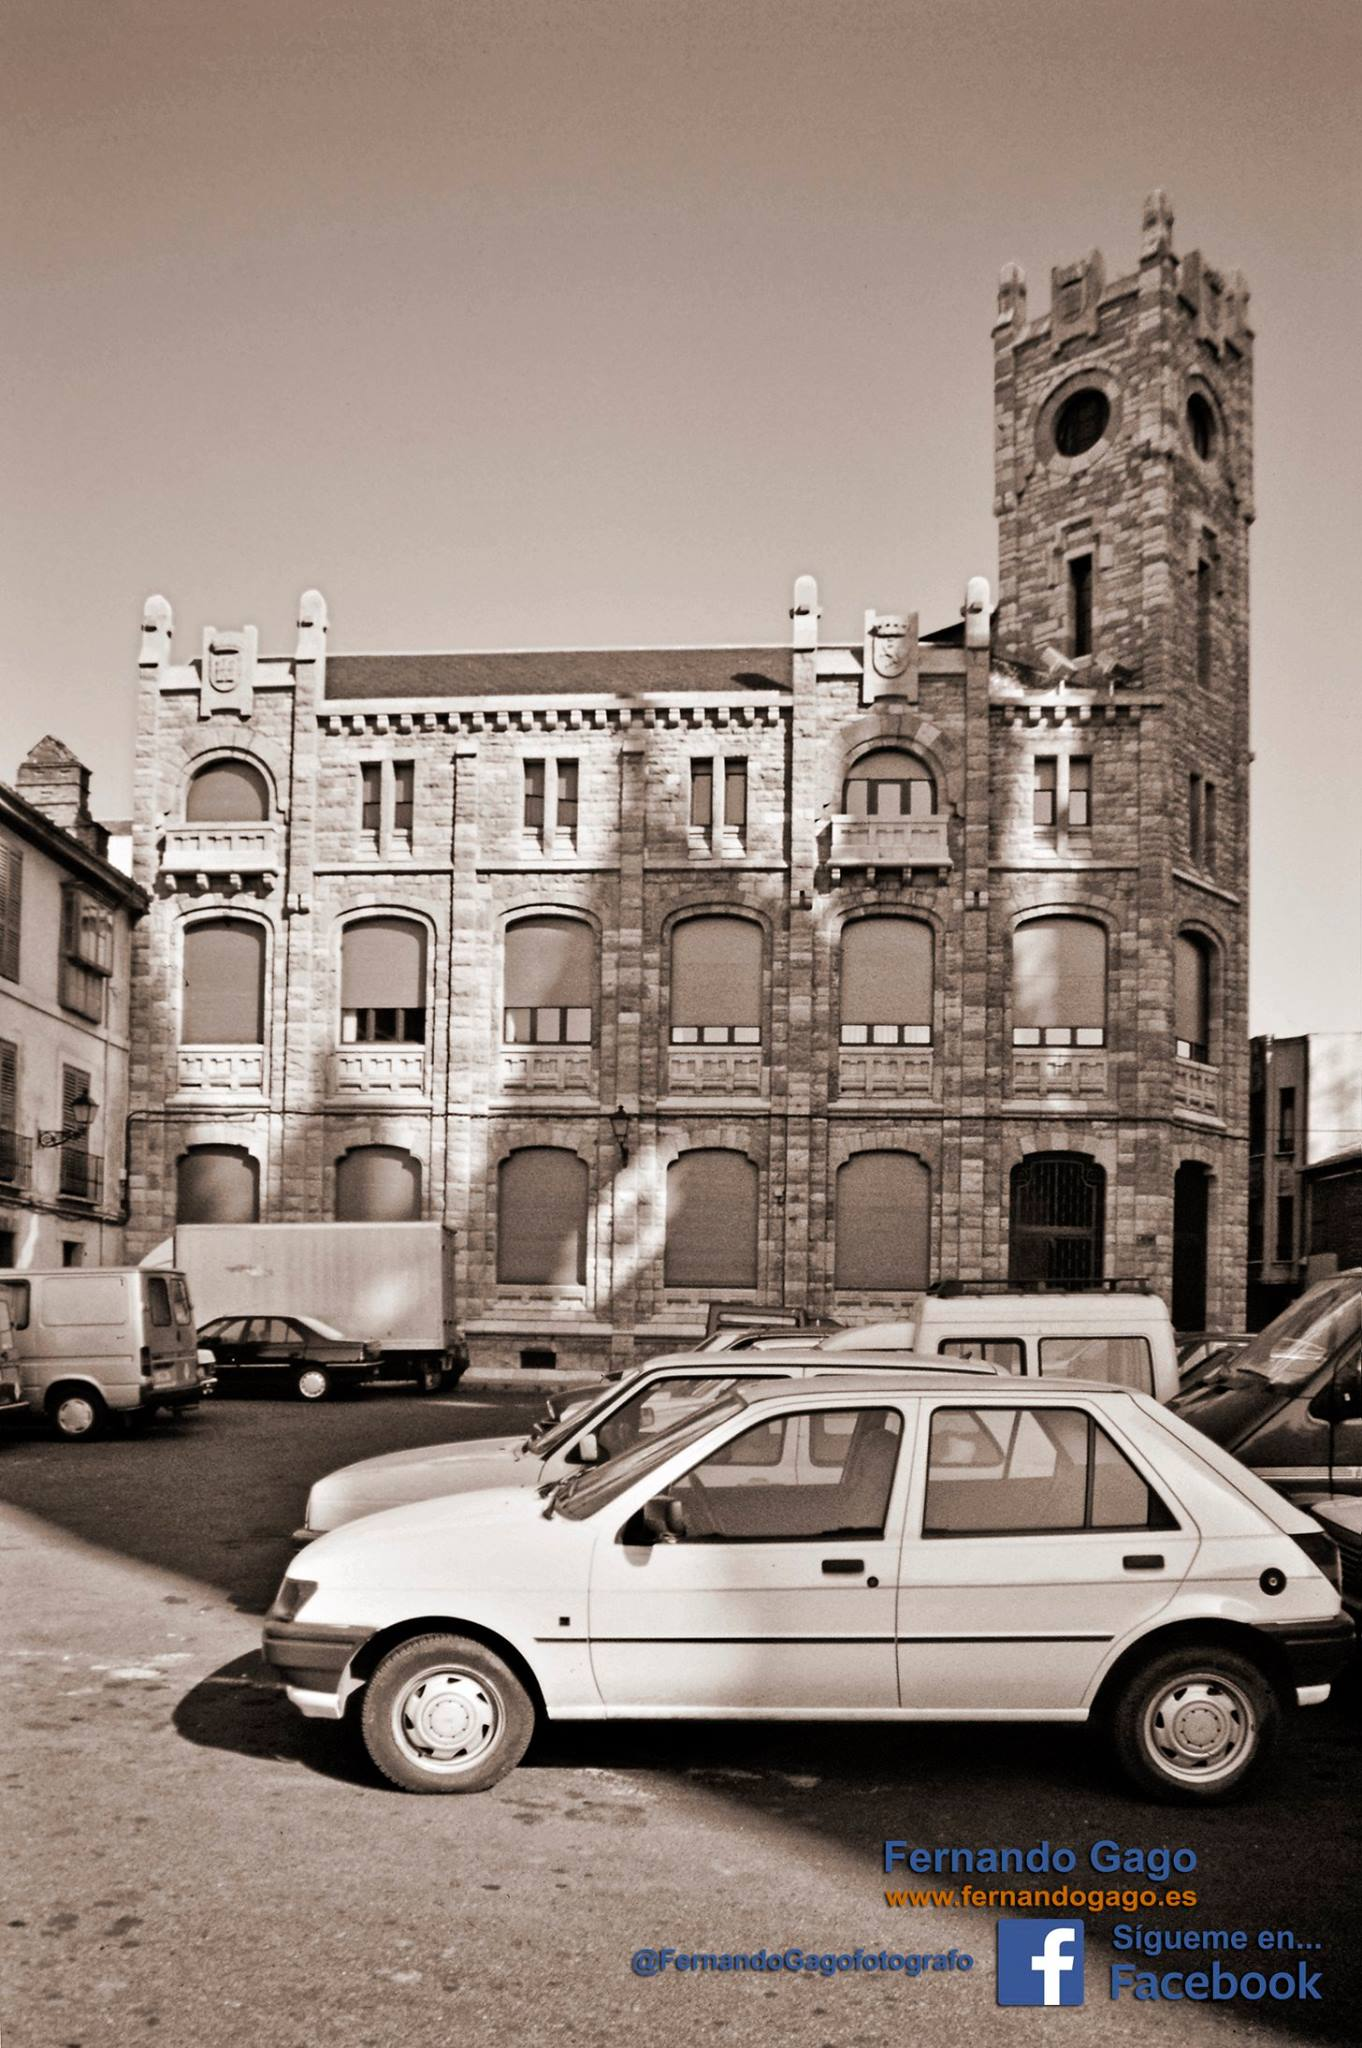 El antiguoEdificio de Correos y Telégrafos, es diseñado por Manuel de Cárdenas  a principios del siglo XX que desde hace algunas décadas para alojar algunos de los servicios administrativos de la Diputación Provincial de León.